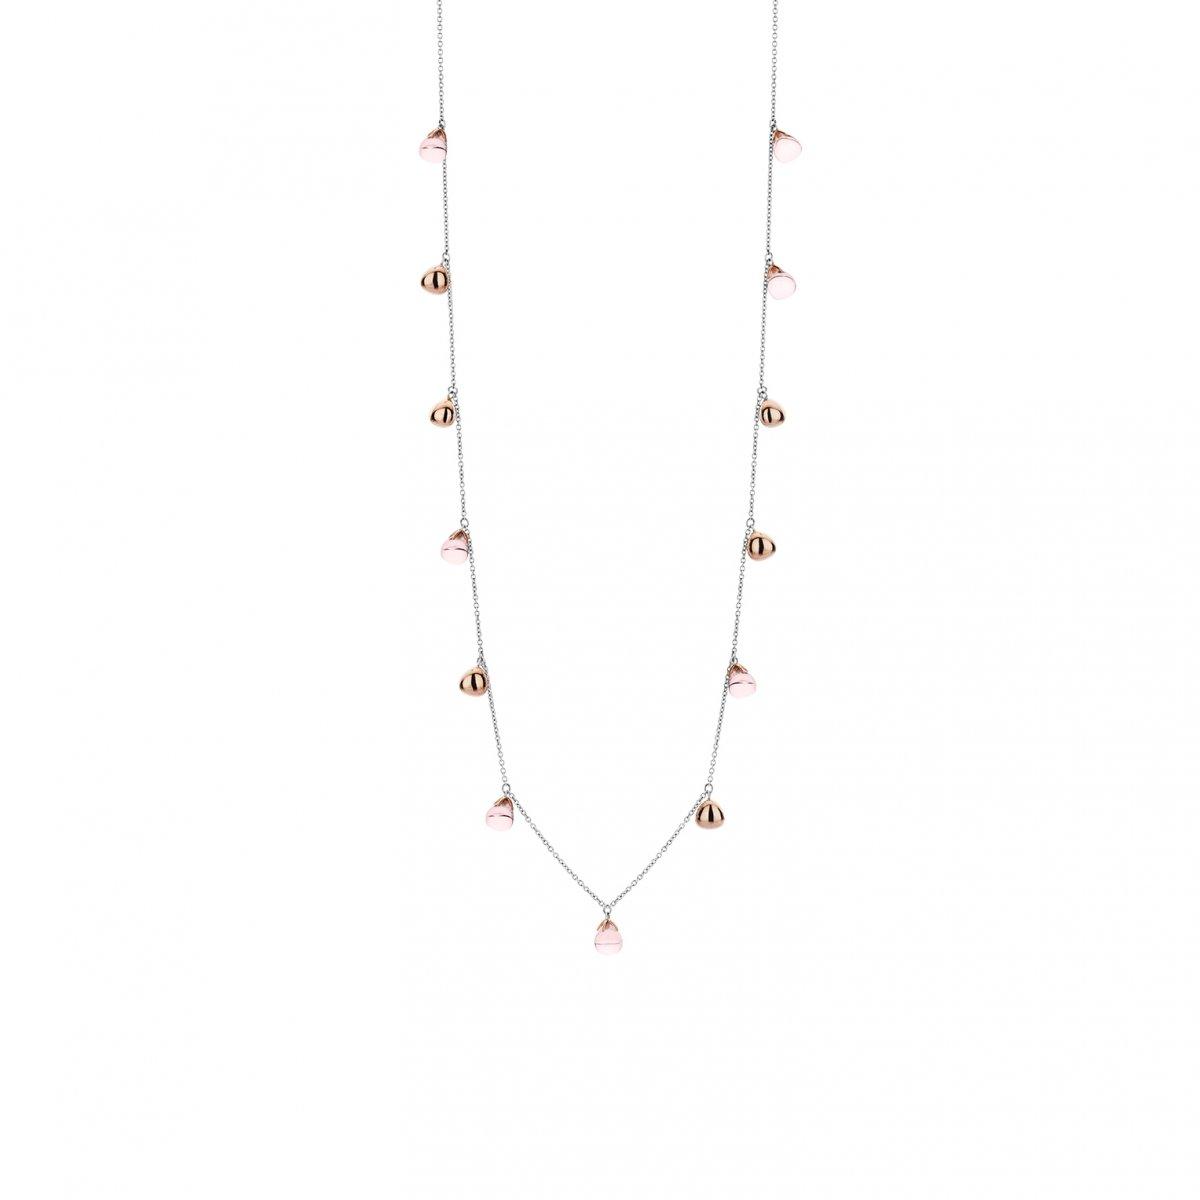 Náhrdelník TI SENTO s ružovými syntetickými kameňmi